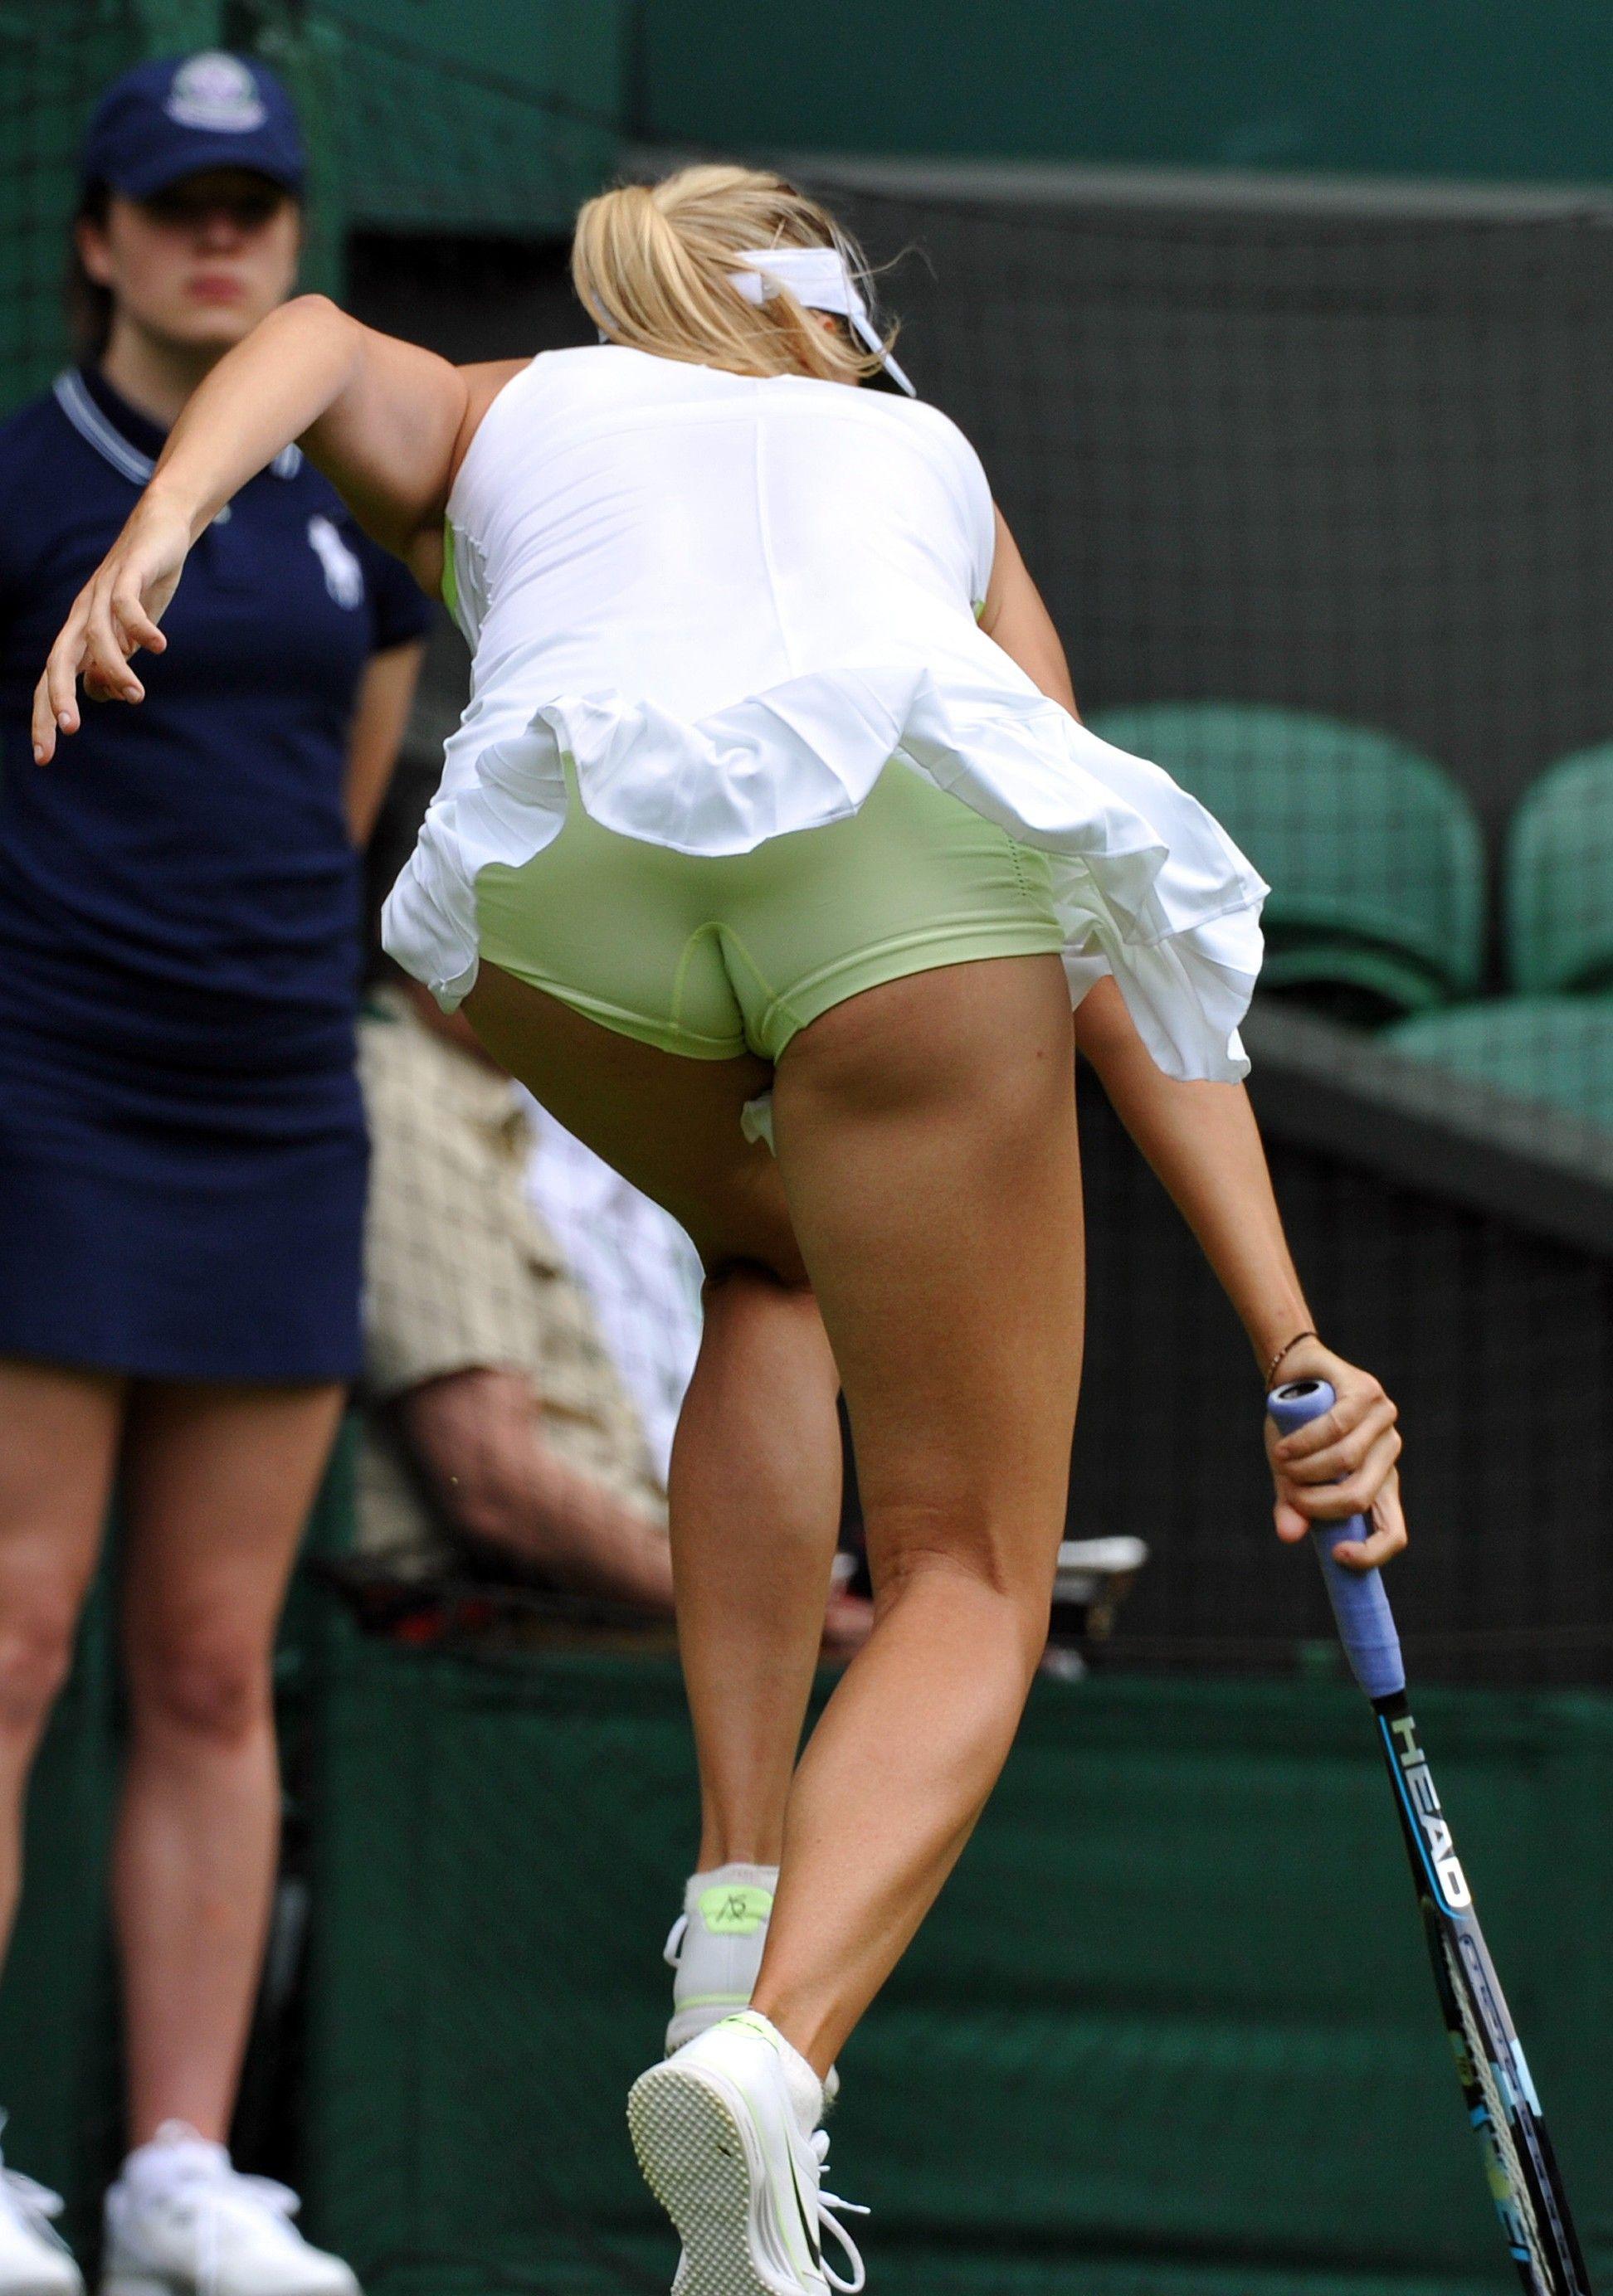 Tennis Player Upskirt 115